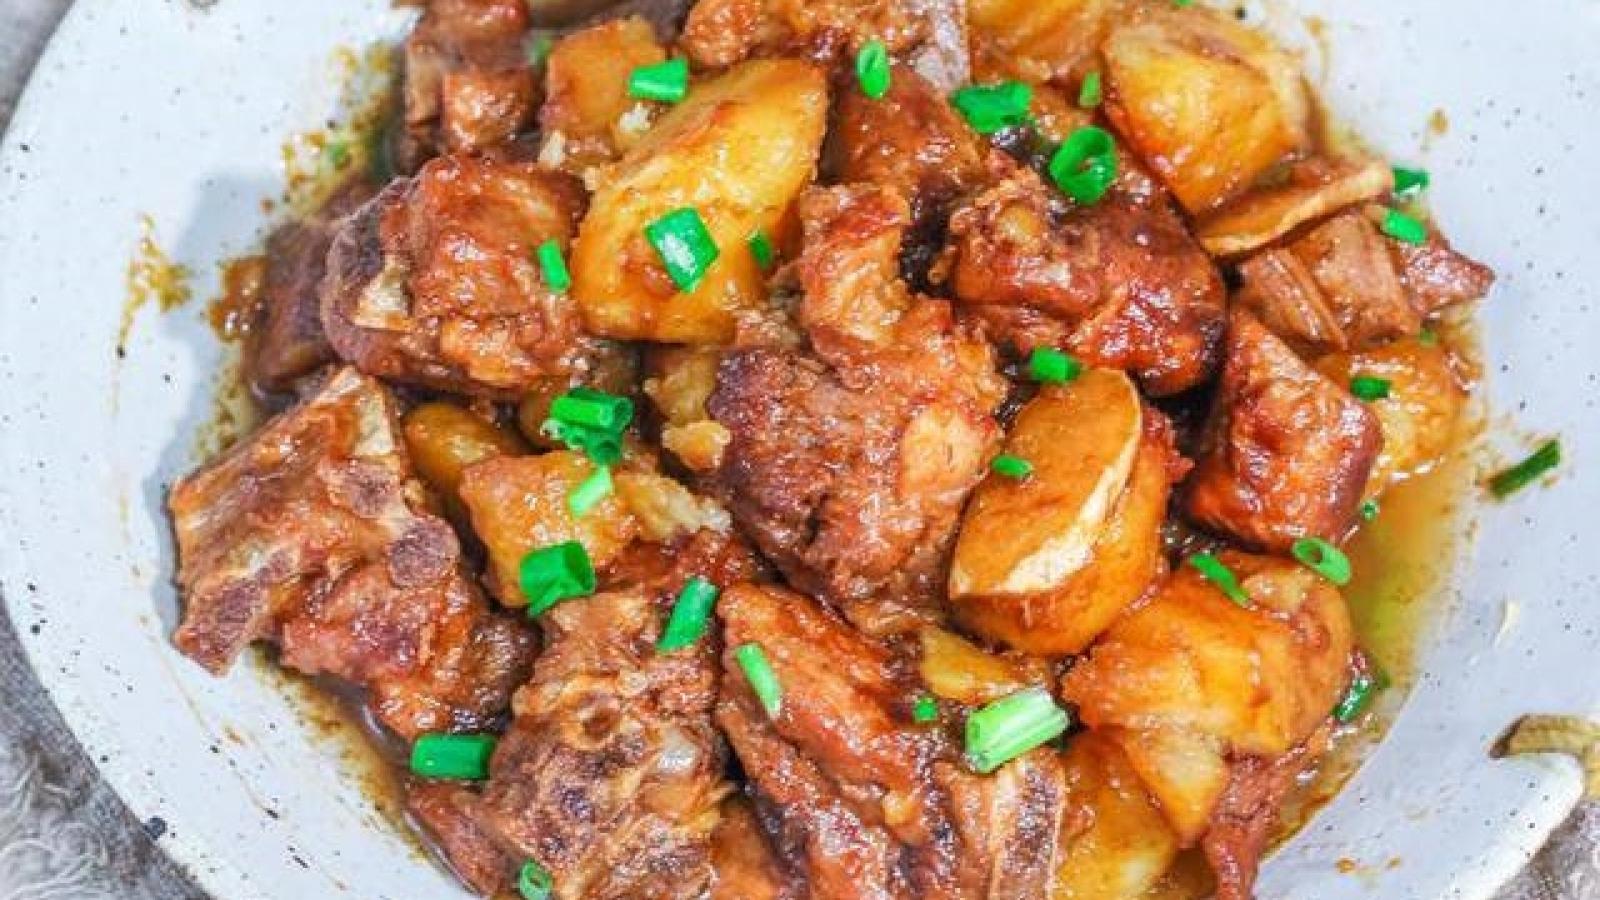 Bí quyết làm sườn kho khoai tây thơm ngon ngất ngây, nhà nhà đều thích